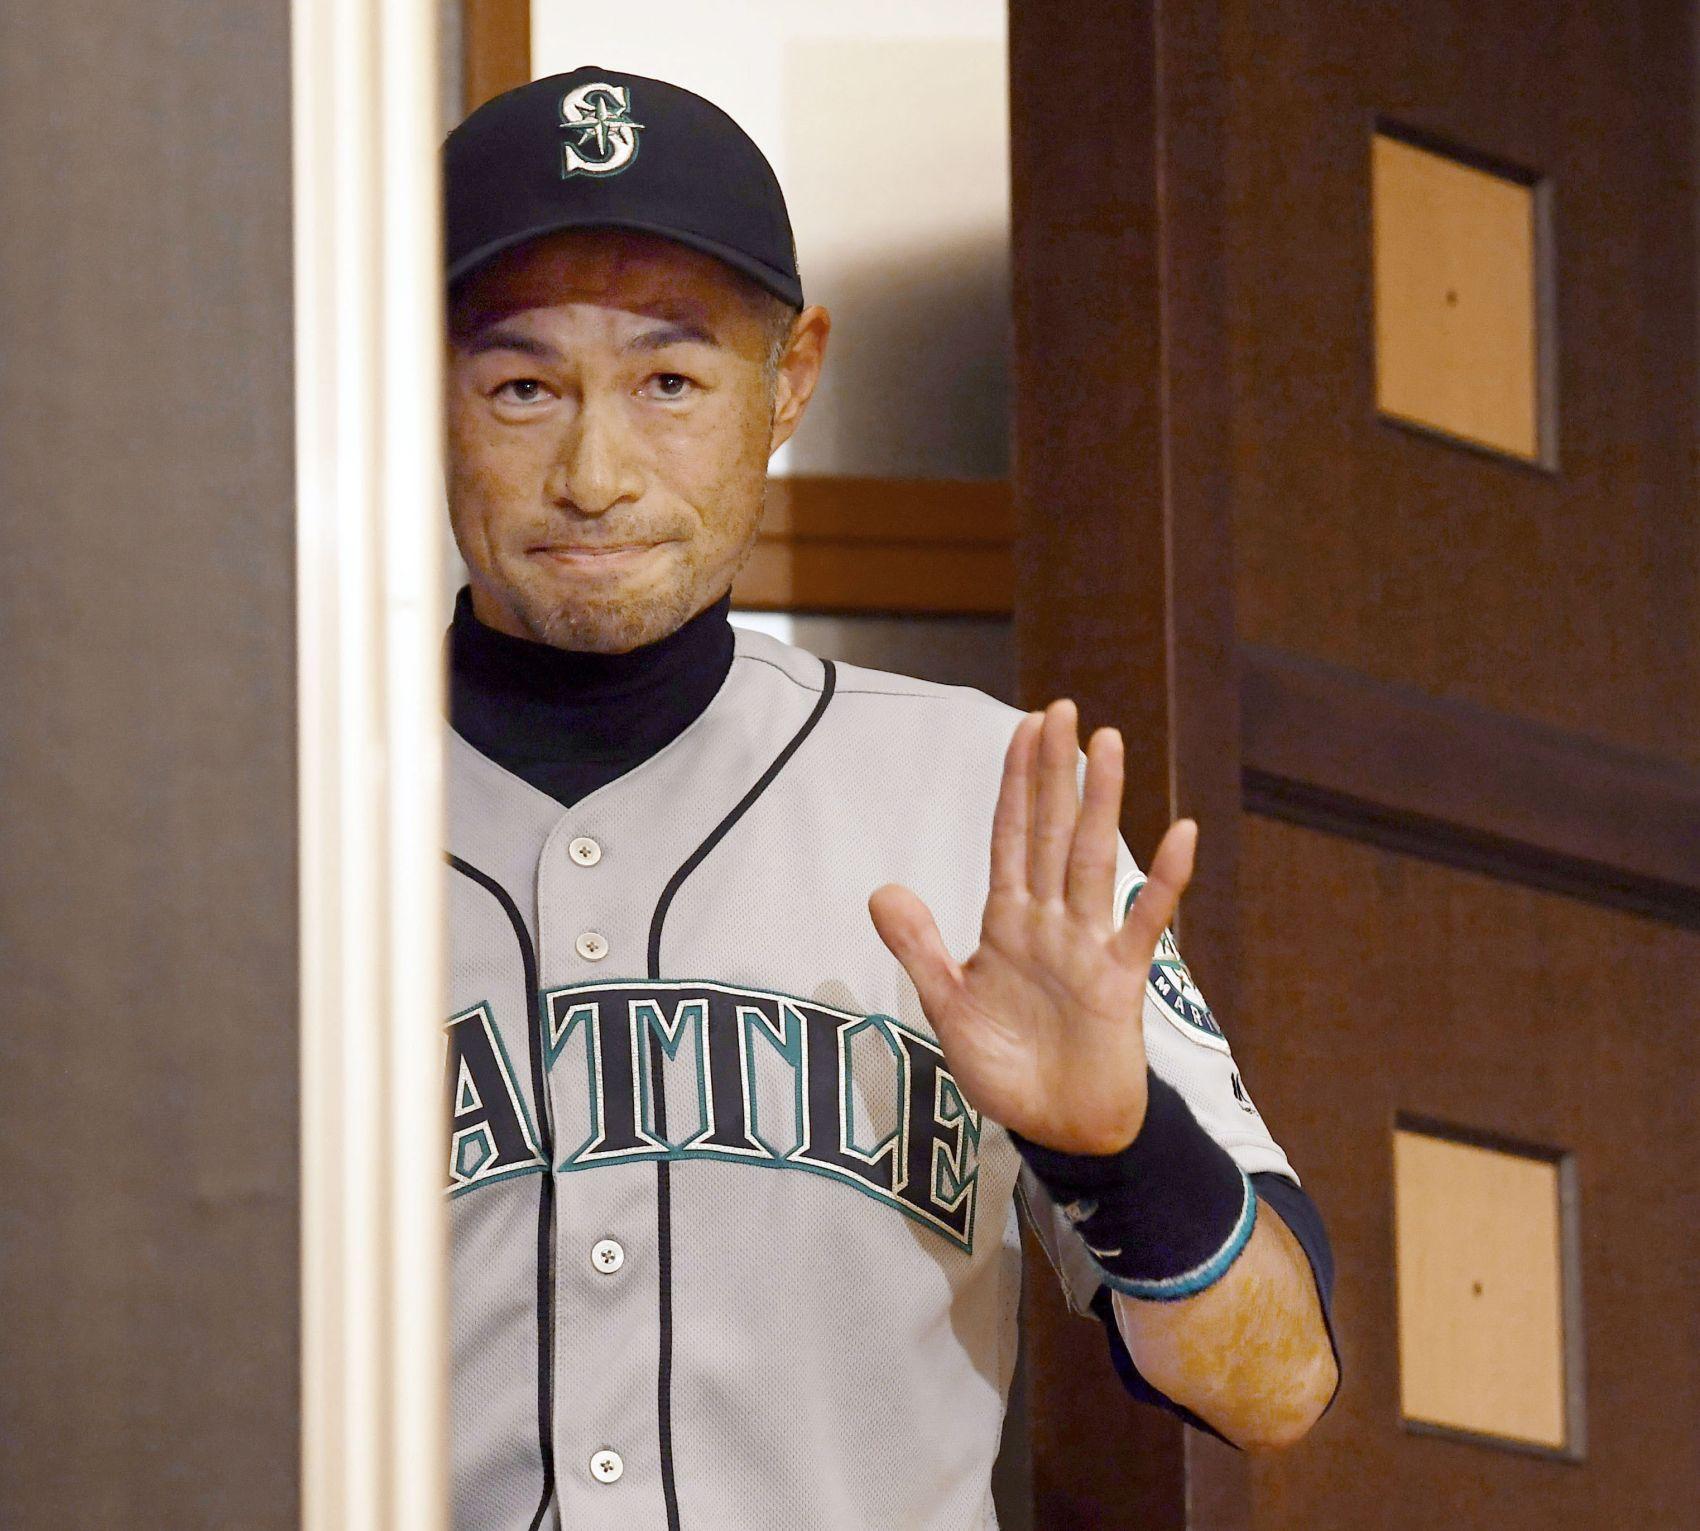 MBL Japan Ichiro Suzuki Retiers 012